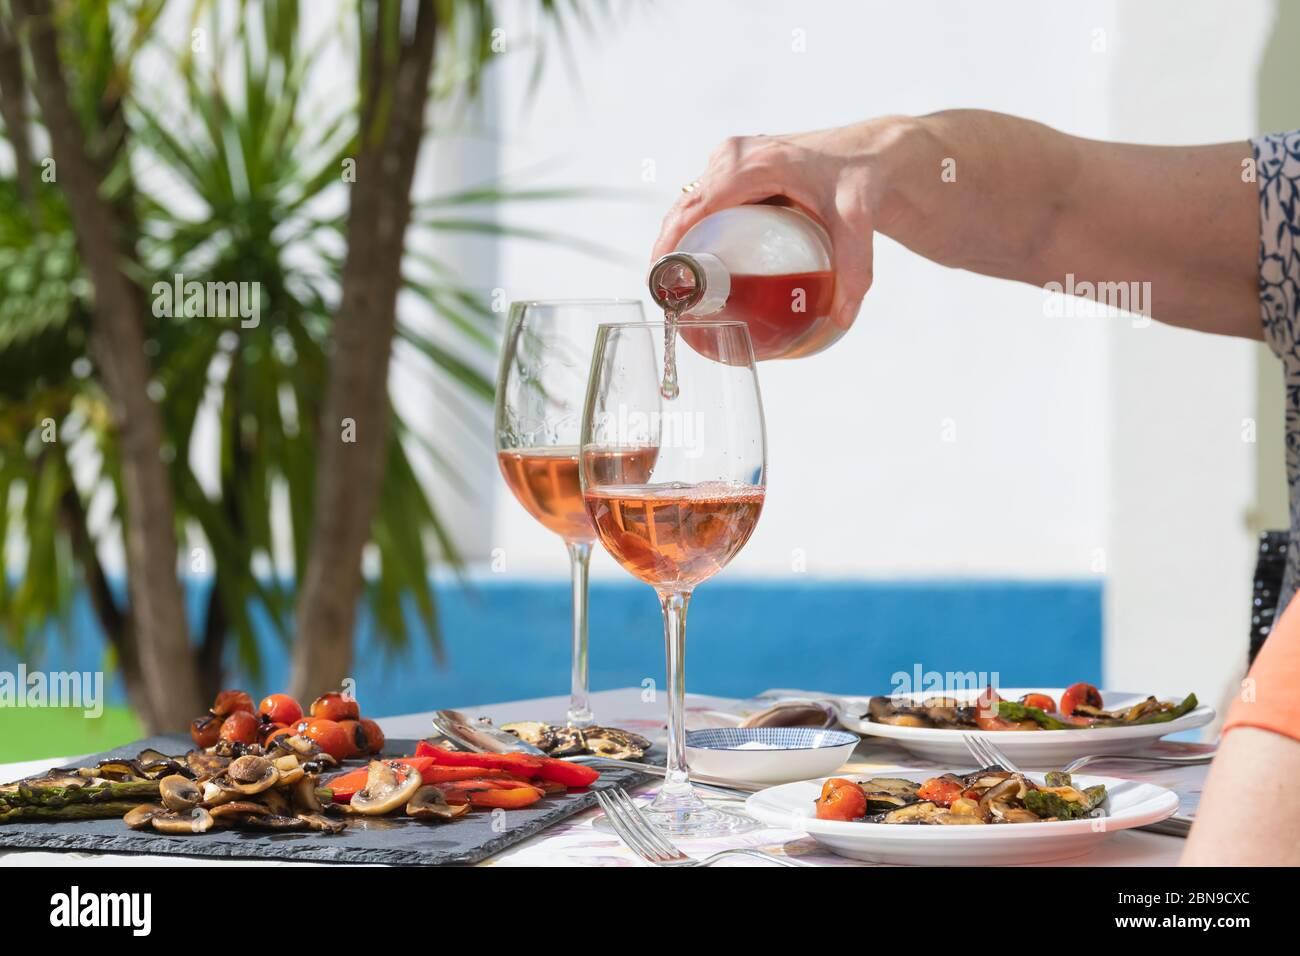 Eine Hand der Frau, die Roséwein ausgießt Stockfoto